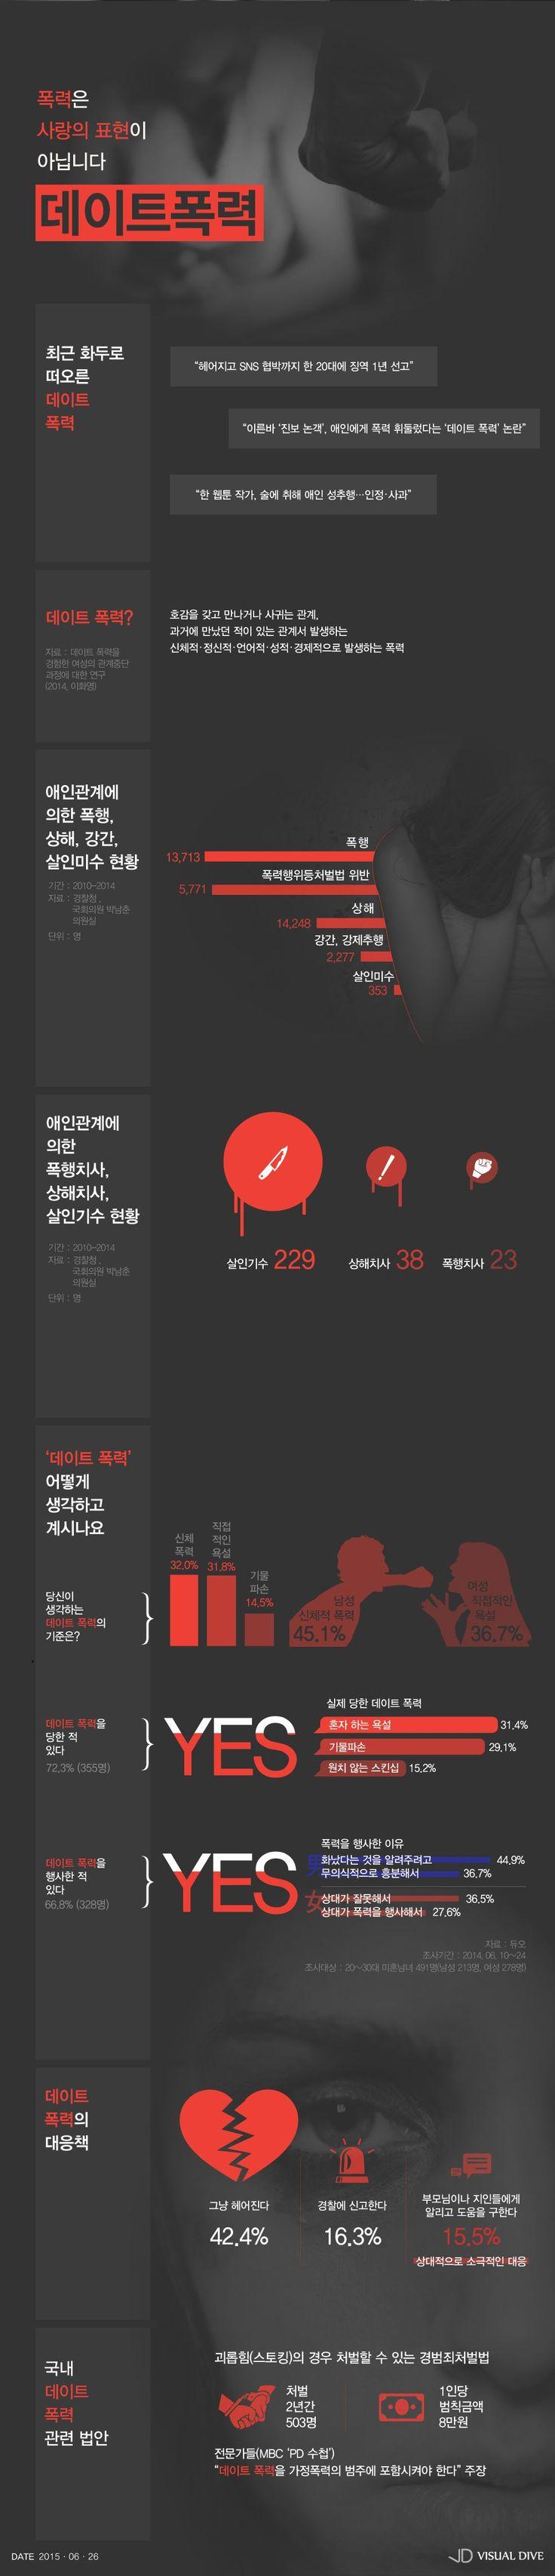 사랑의 표현이 될 수 없는 '데이트폭력' [인포그래픽] #Date_violence / #Infographic ⓒ 비주얼다이브 무단 복사·전재·재배포 금지